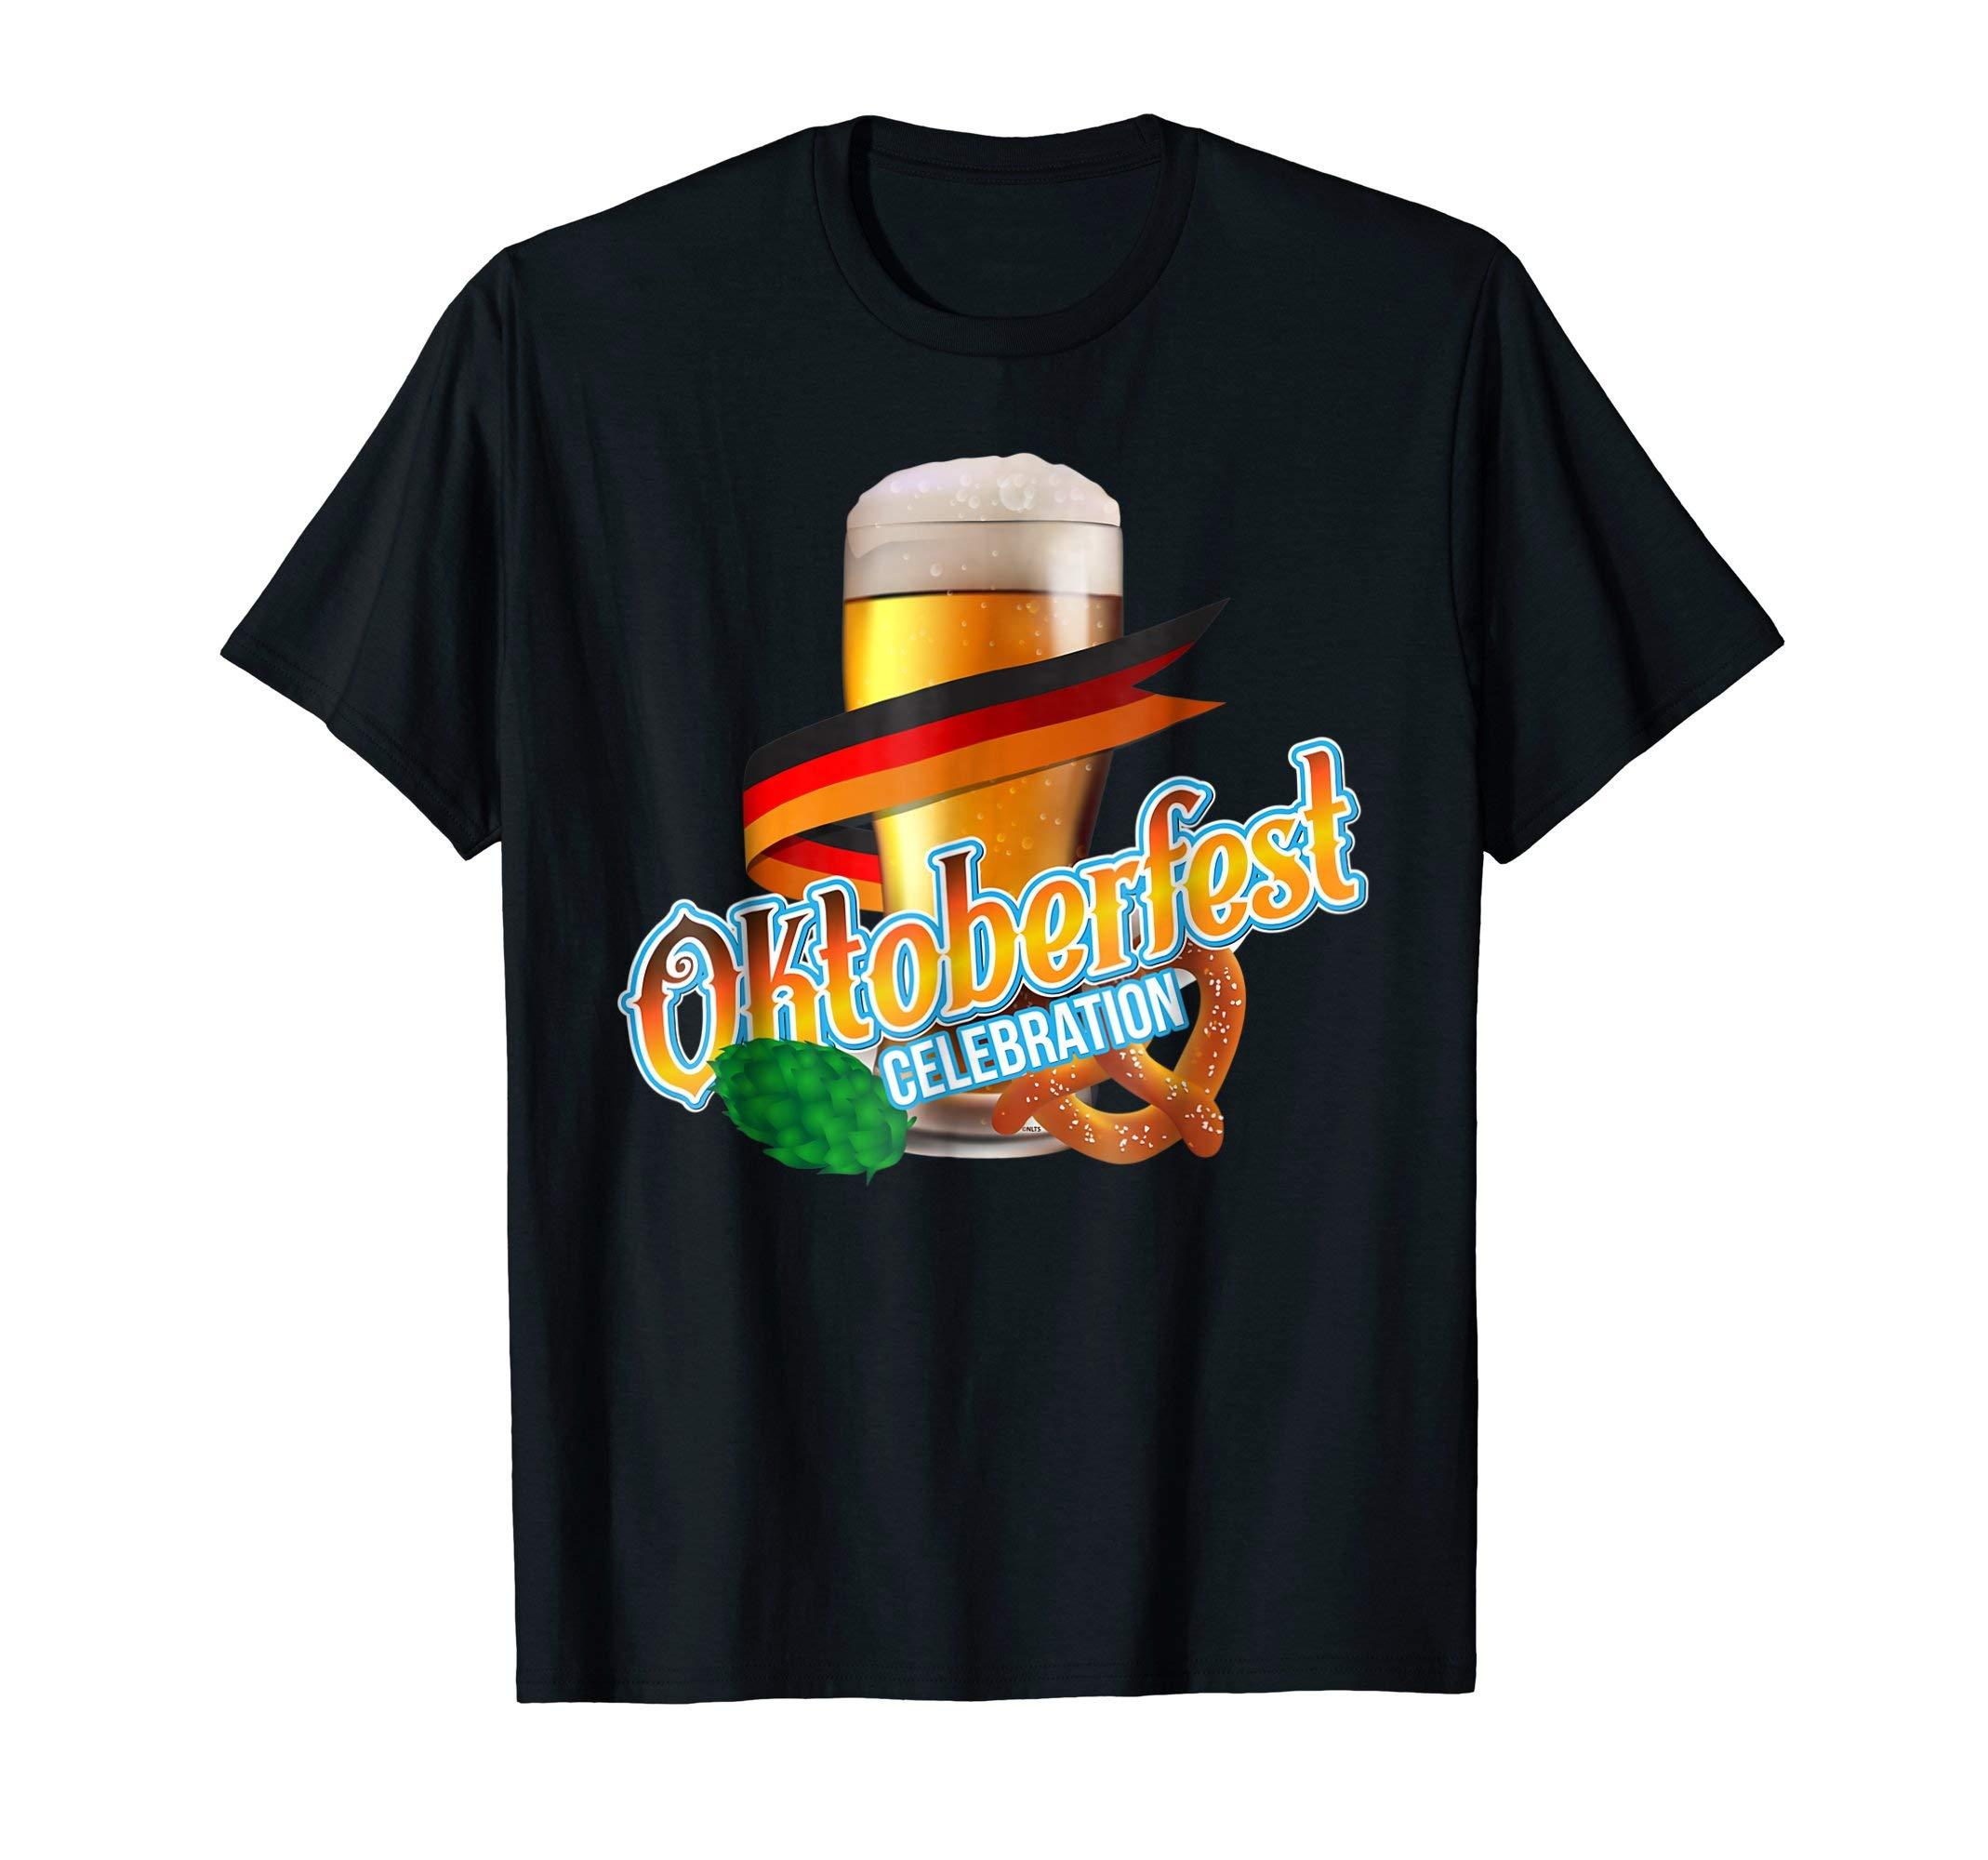 Oktoberfest-Celebration-Shirt-Beer-Glass-Gift-T-Shirt-Tee